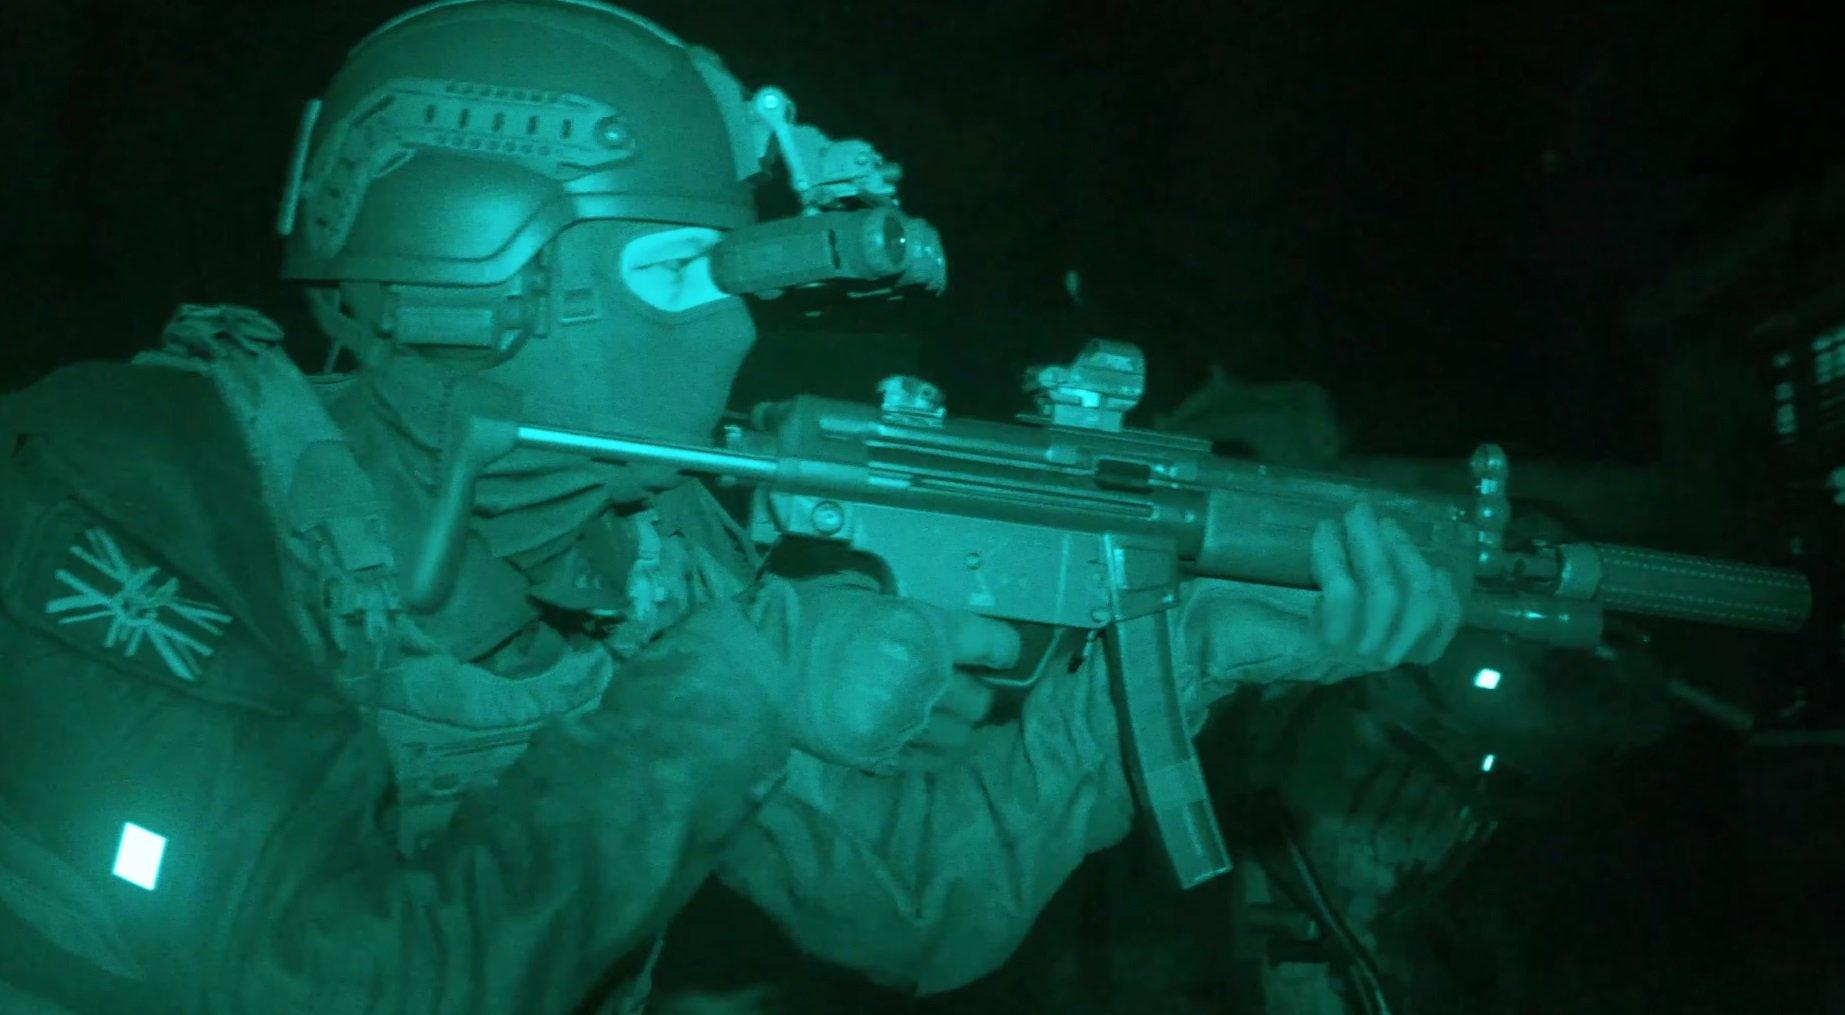 Cross-play confirmé pour Call of Duty : Modern Warfare